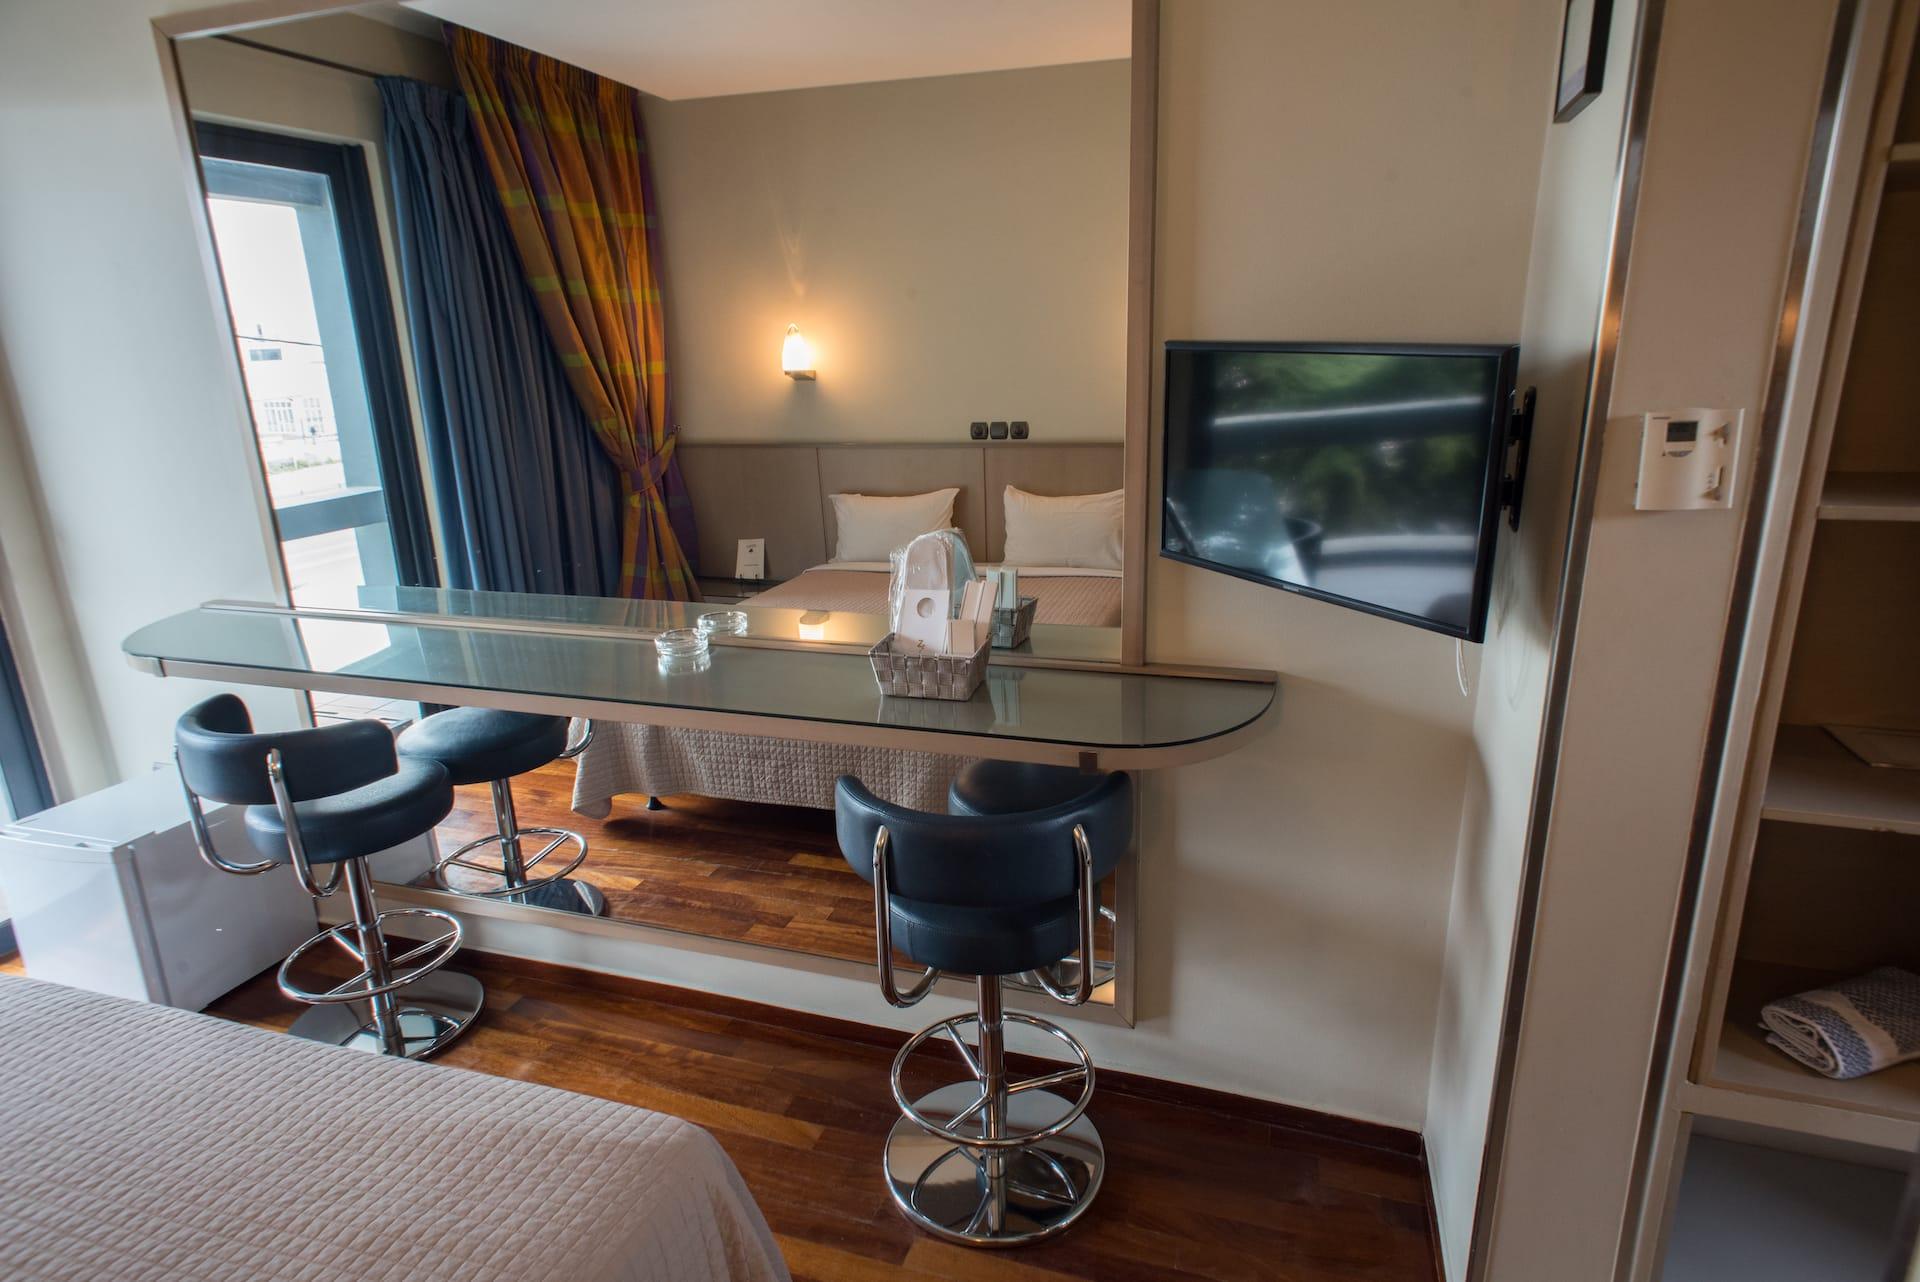 Το Standard room στο Pines Hotel ξενοδοχείο στα Βόρεια Προάστια. €54 η διανυκτέρευση.